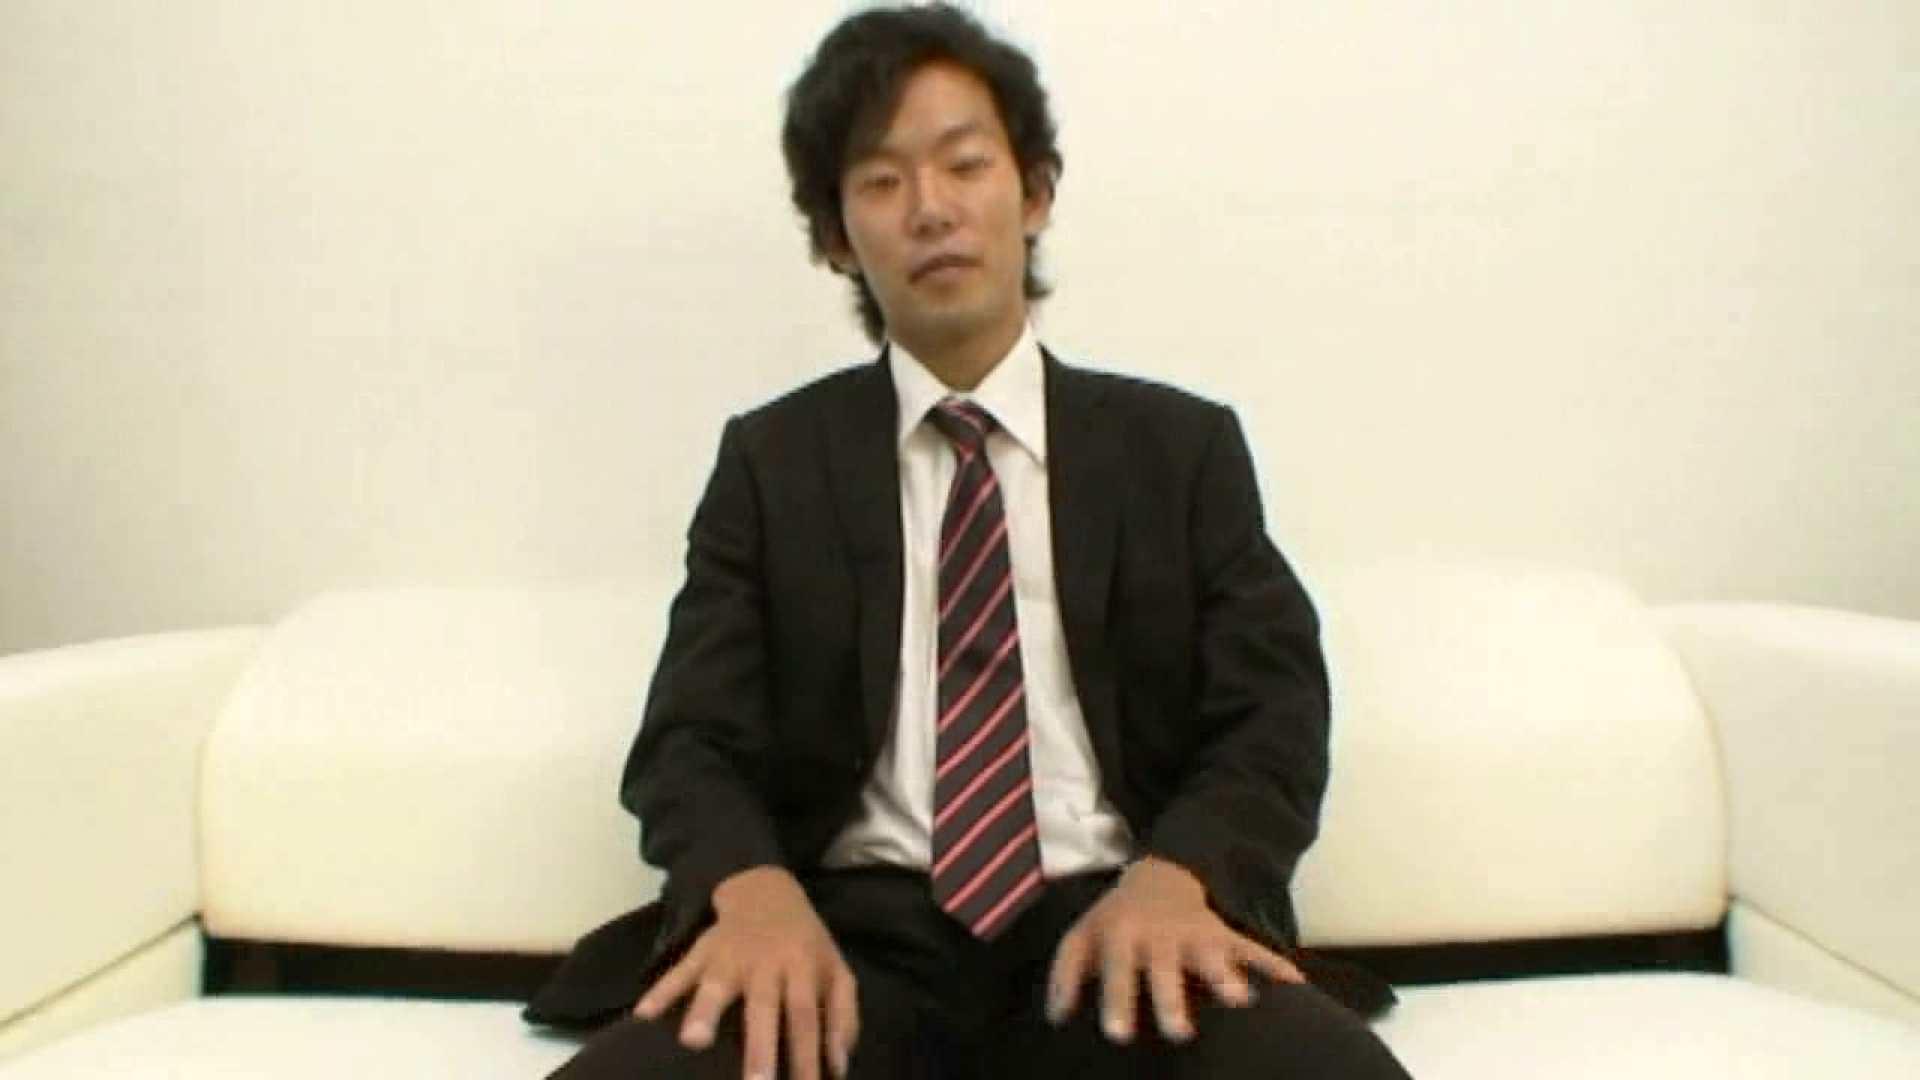 ノンケ!自慰スタジオ No.14 自慰  92pic 44